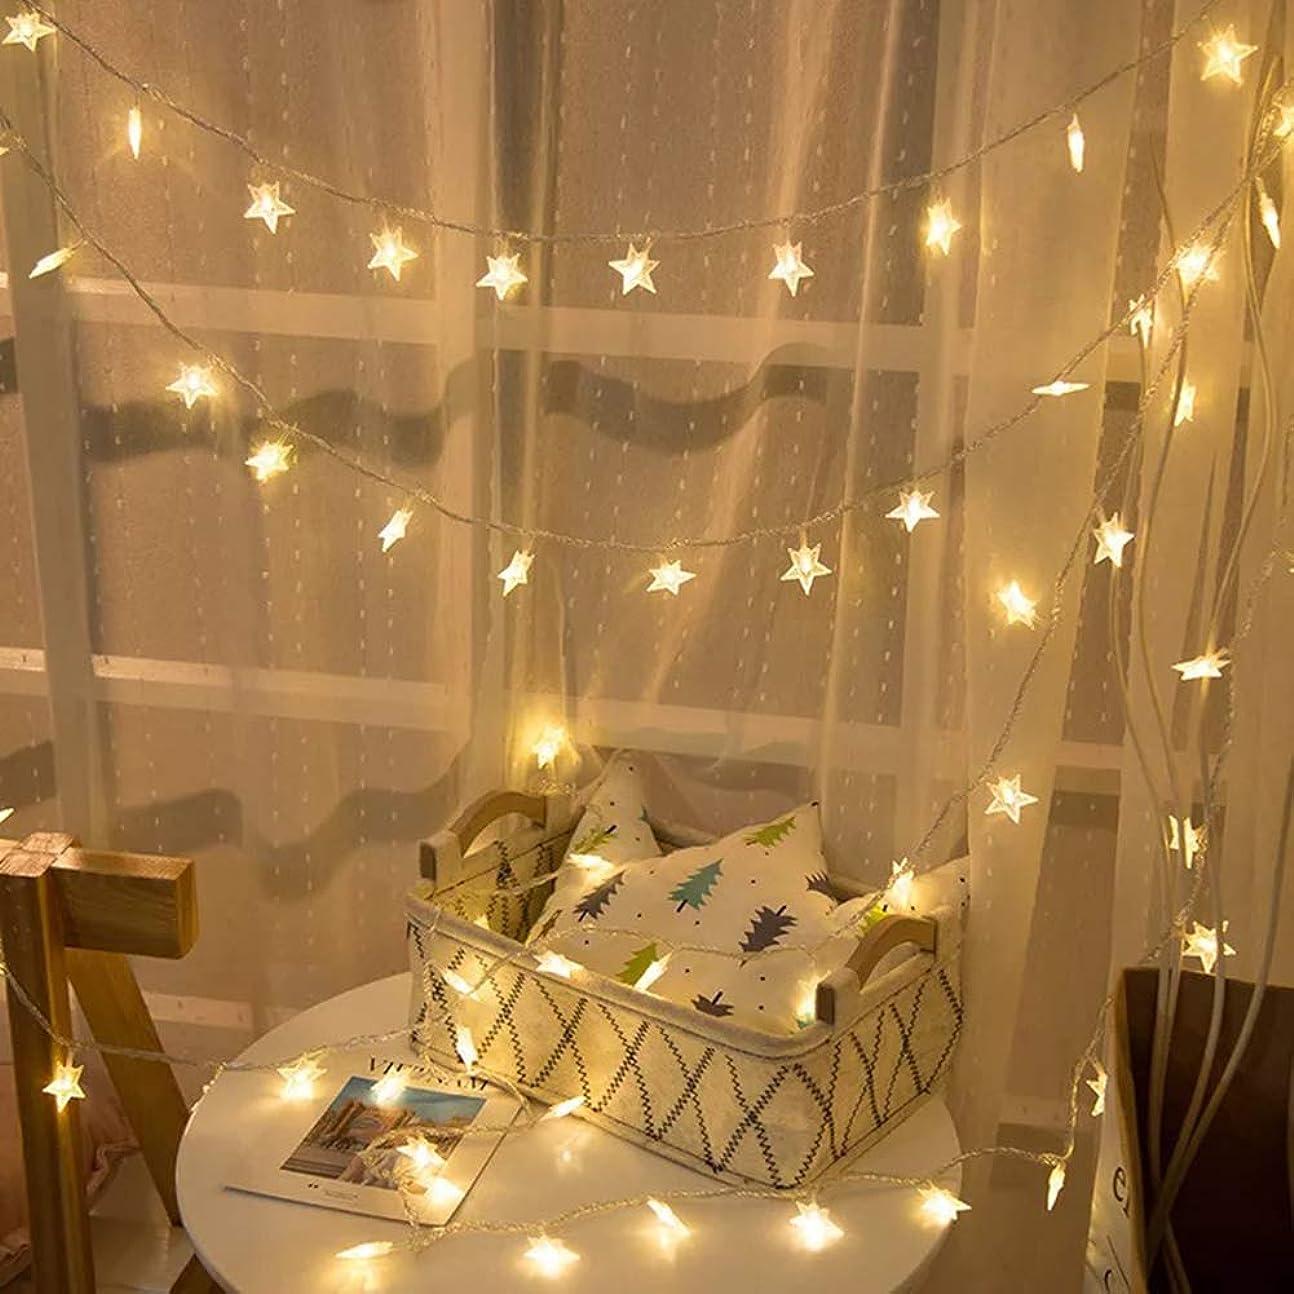 昆虫ムス拮抗クリスマス ledスターライト 飾り ライト6m 40球 LED ストリング ライト クリスマス ツリー 飾り物 高輝度 パーティー 結婚式 誕生日 記念日 デコレーション